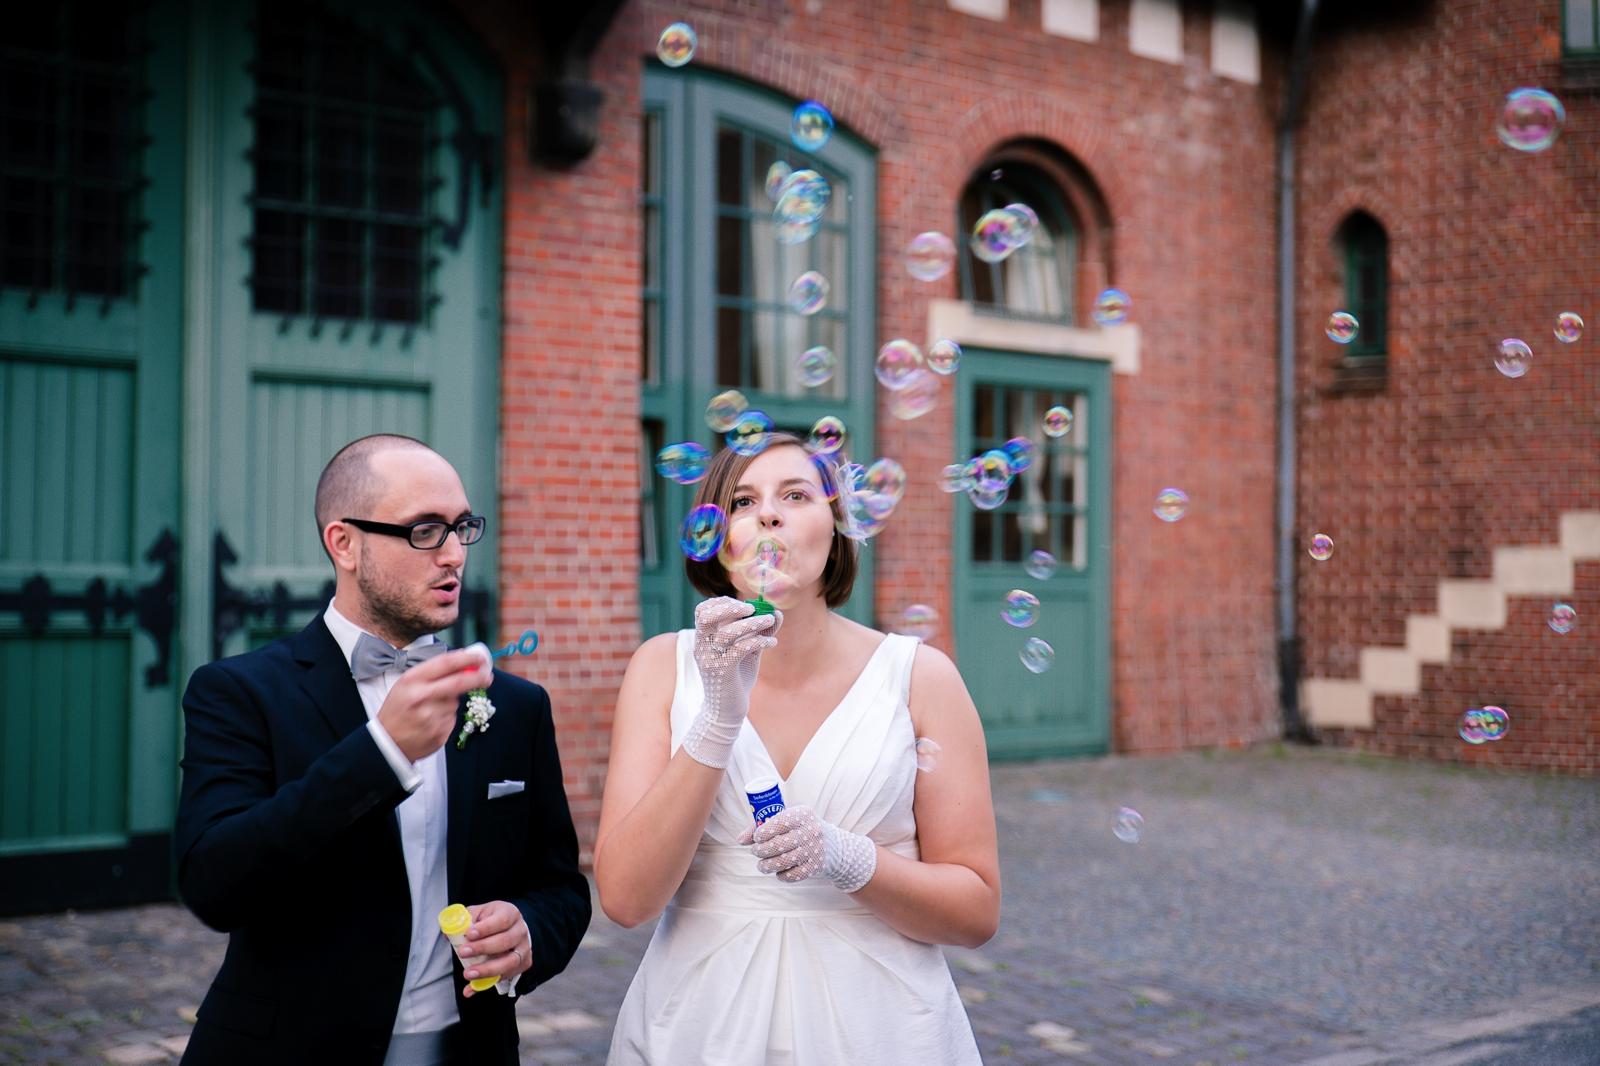 Monstergraphie_Hochzeitsreportage_Dortmund_Zeche_Zollern19.jpg?fit=1600%2C1066